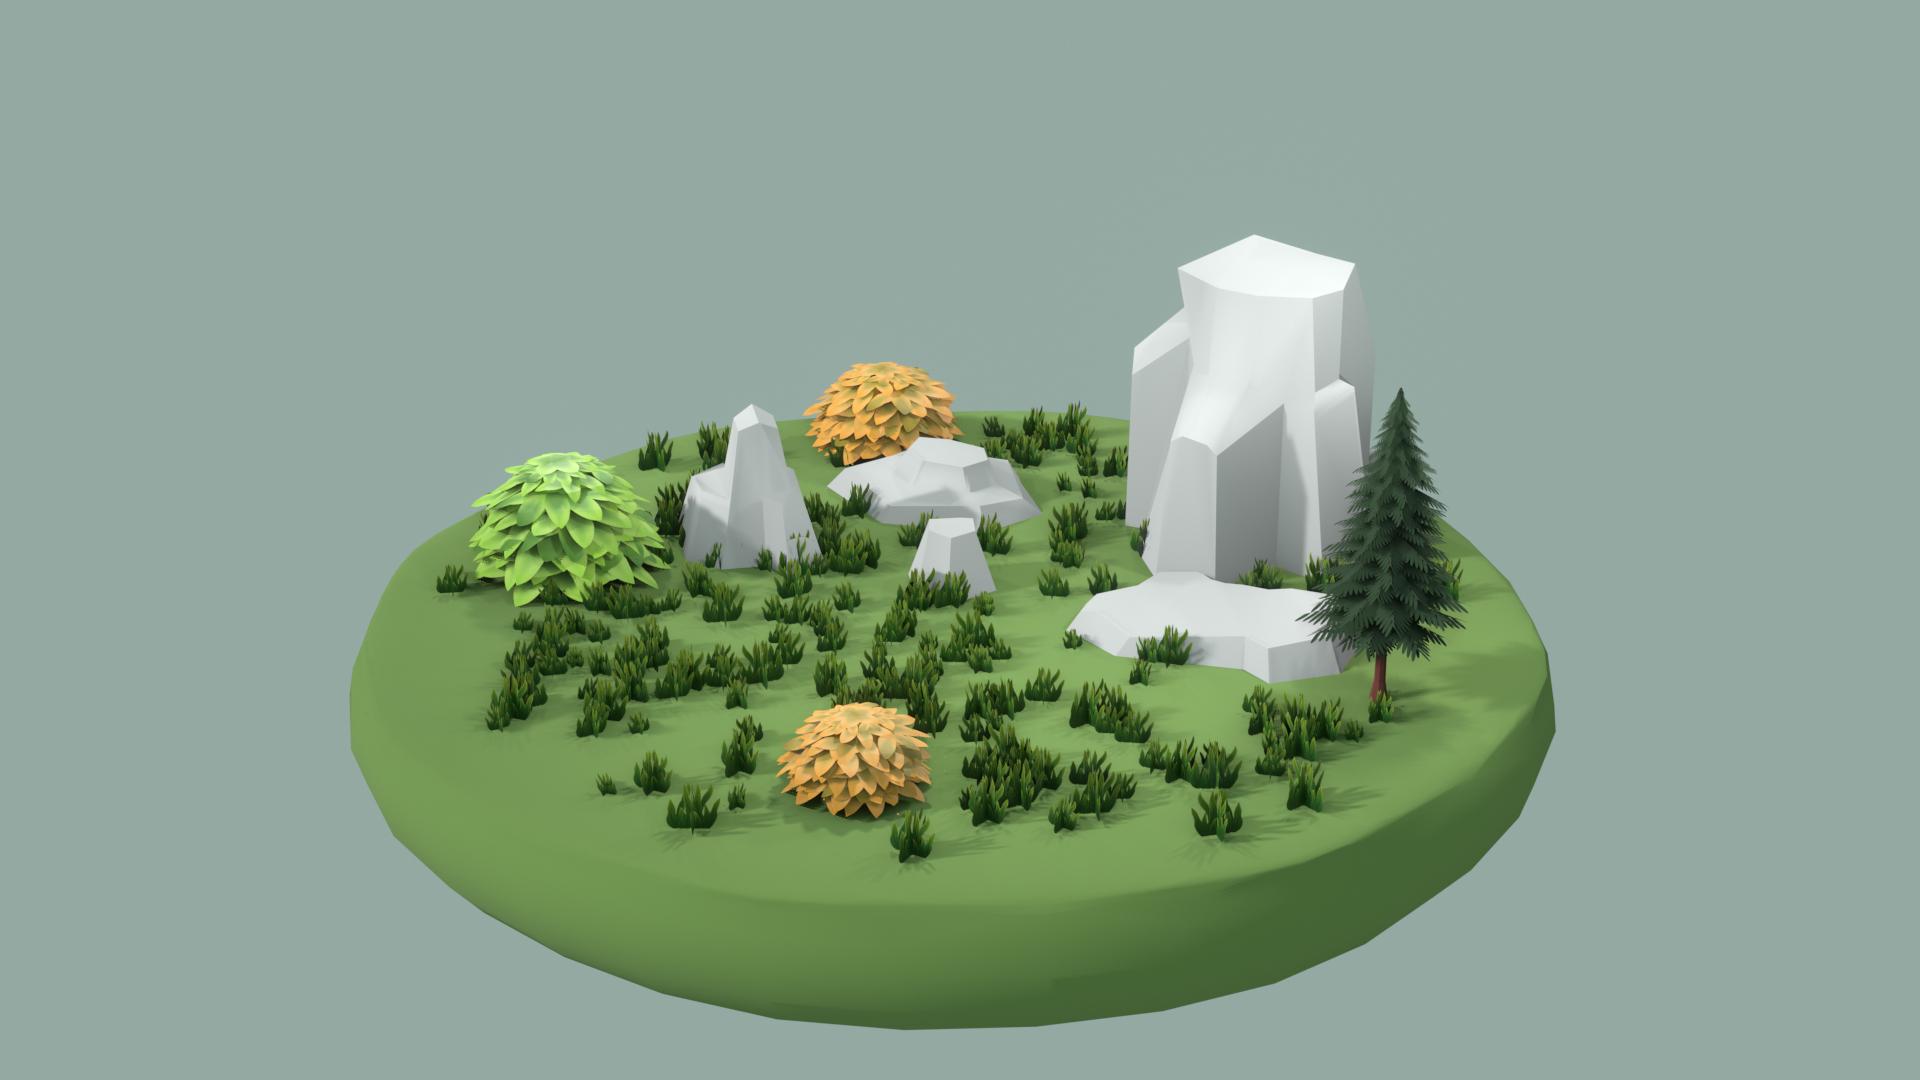 Rocks | Windshire, проект который взлетит!